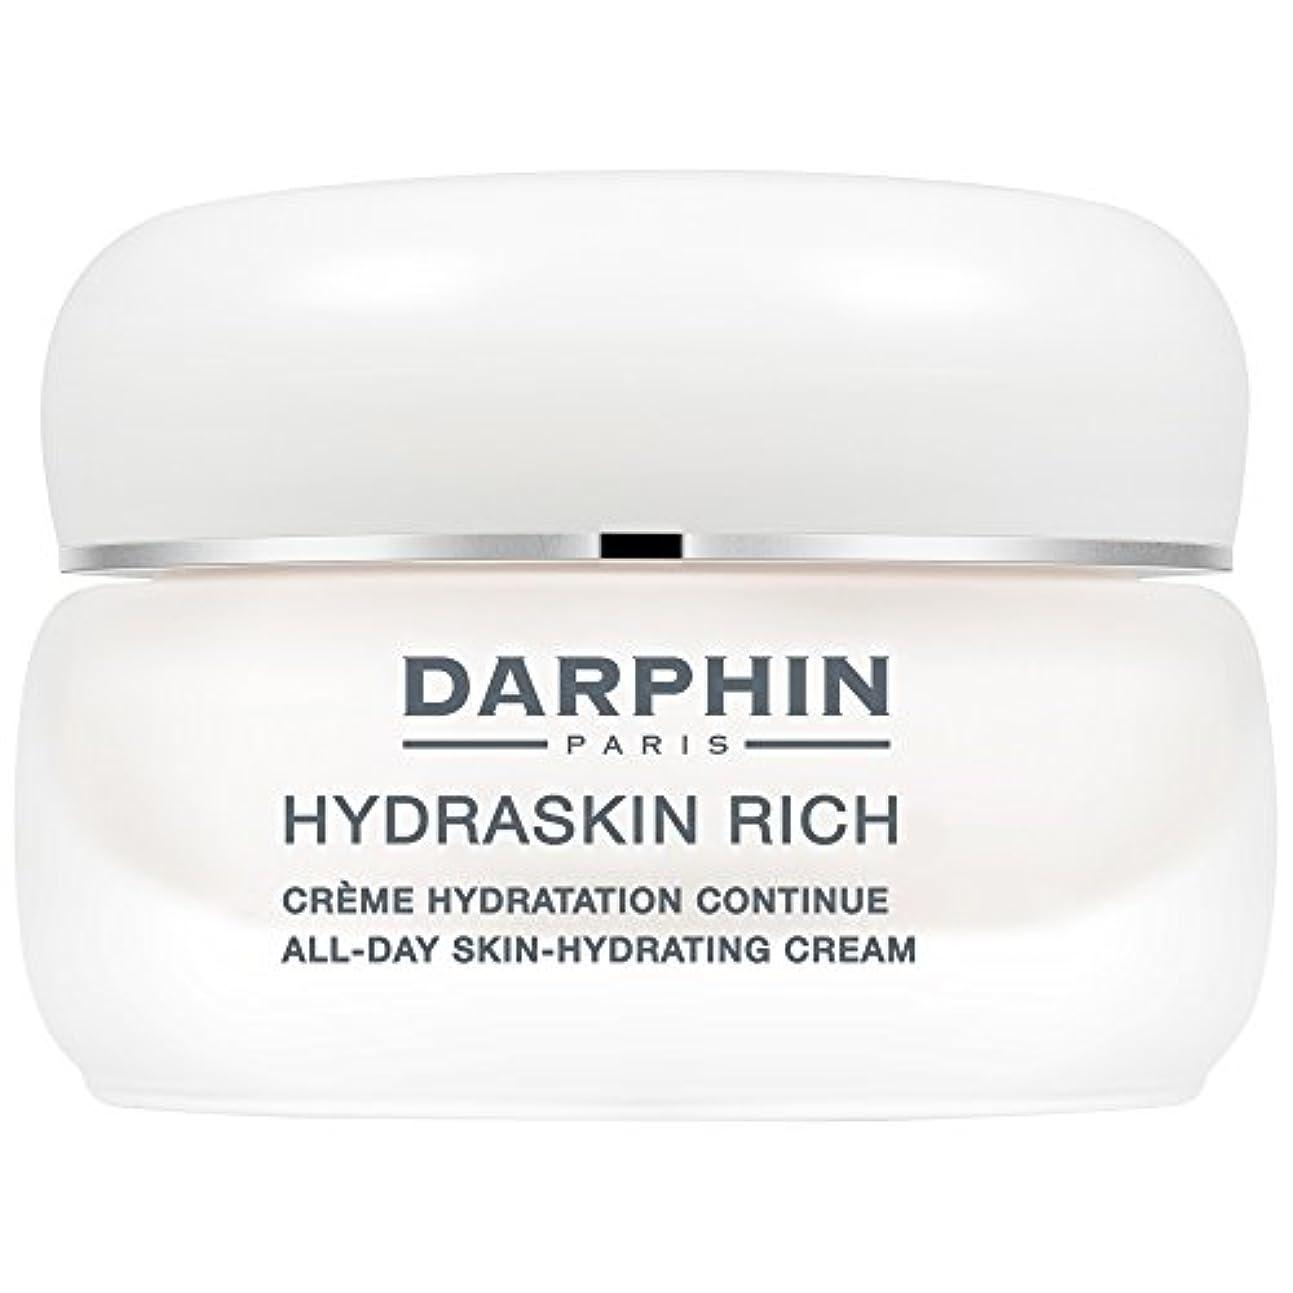 影響を受けやすいです固執レシピダルファンリッチHydraskin、50ミリリットル (Darphin) (x6) - Darphin Hydraskin Rich, 50ml (Pack of 6) [並行輸入品]